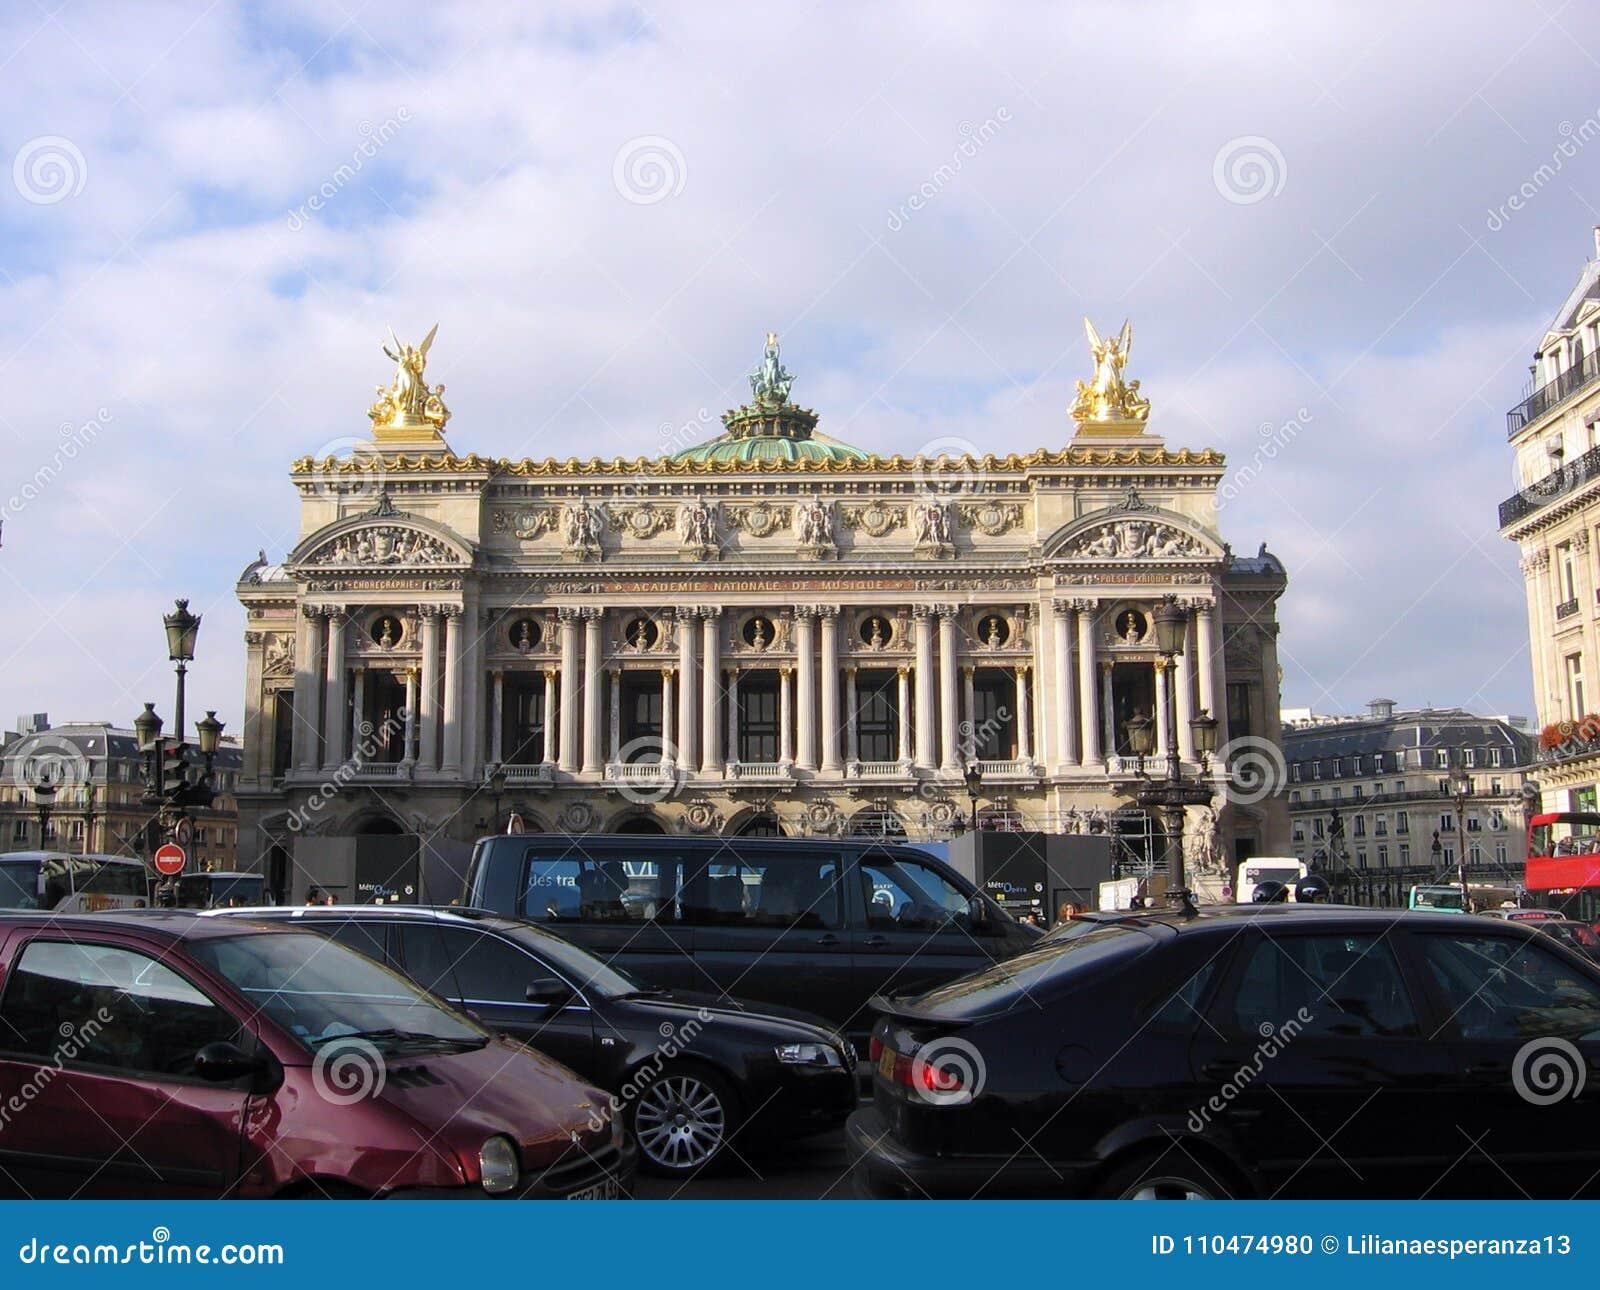 Η όπερα Opéra εθνικό de Παρίσι του Παρισιού ένα από τα παλαιότερα όργανα του είδους του στην Ευρώπη